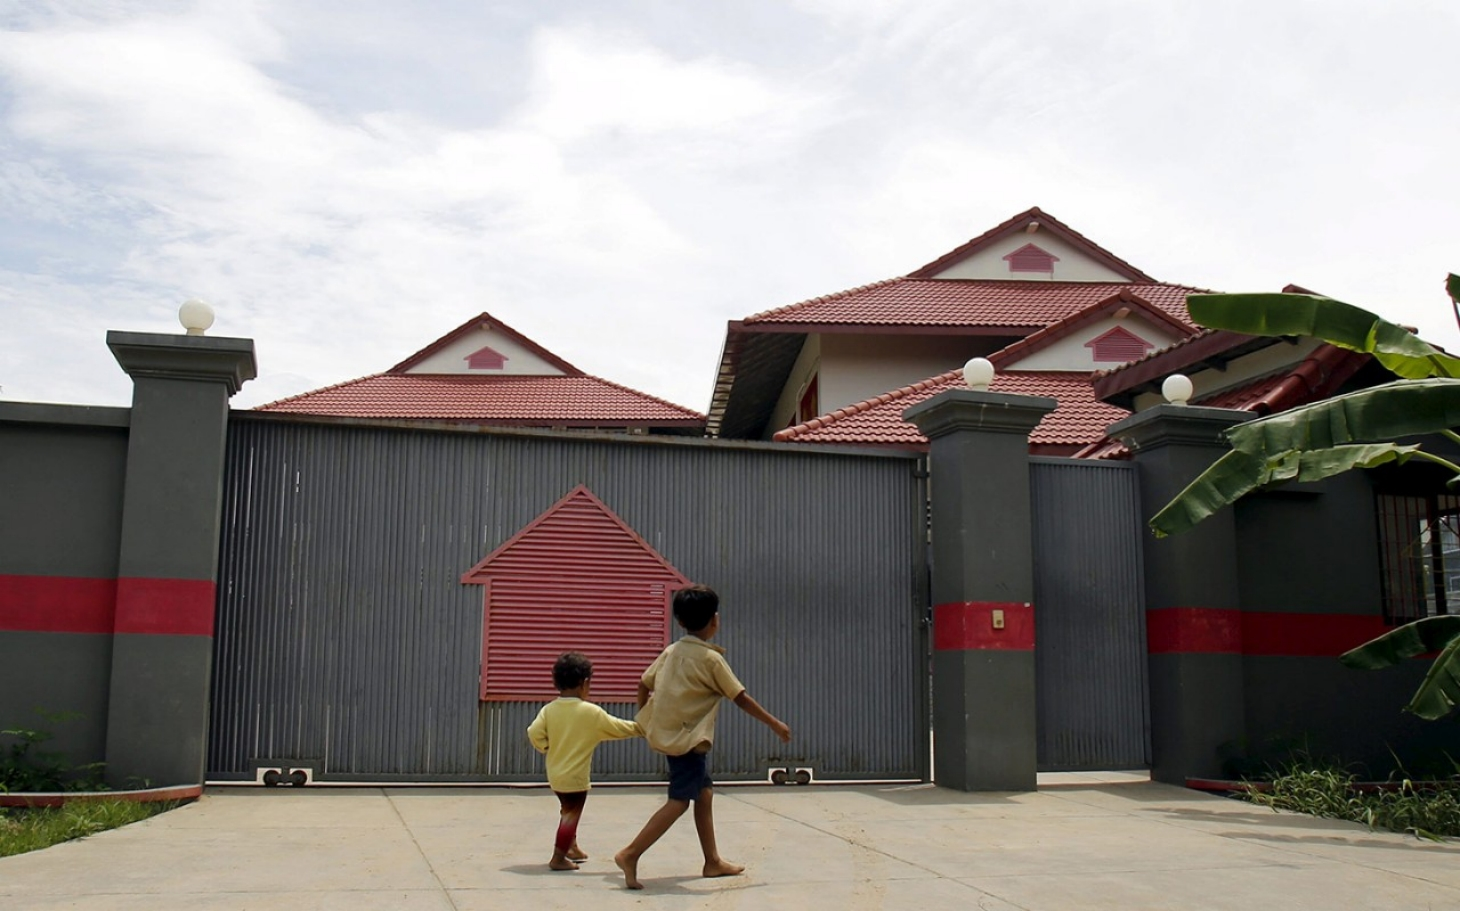 australian detention center unsafe for children